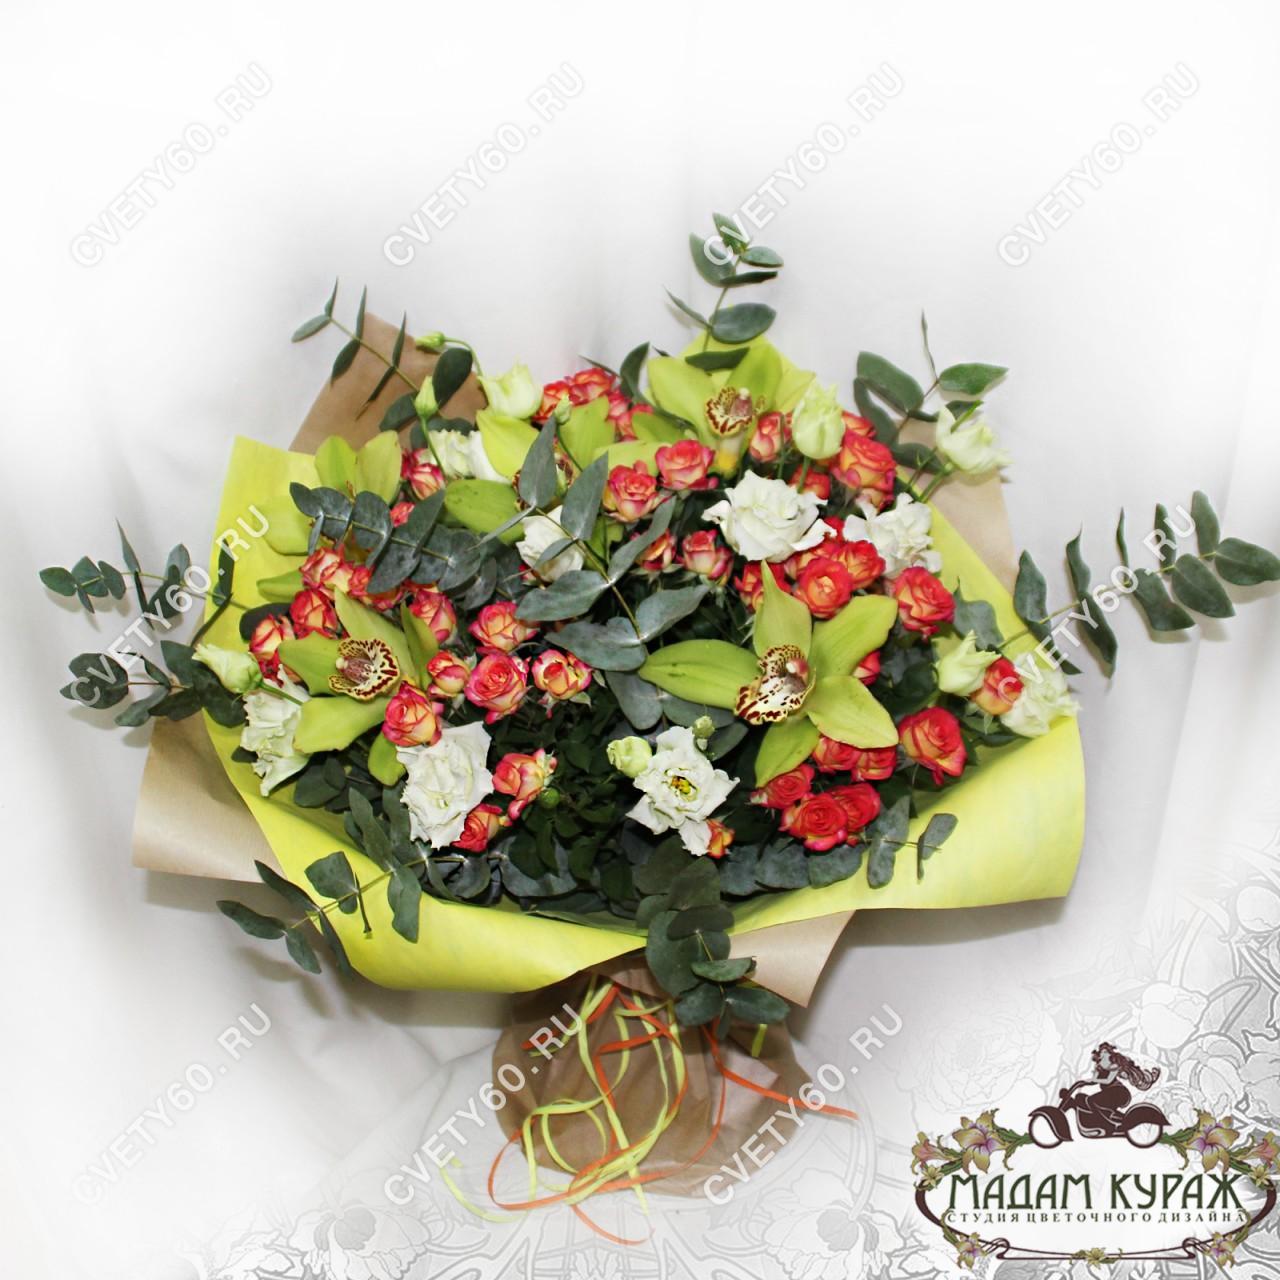 Большой букет с розами и орхидеями для женщины в подарок